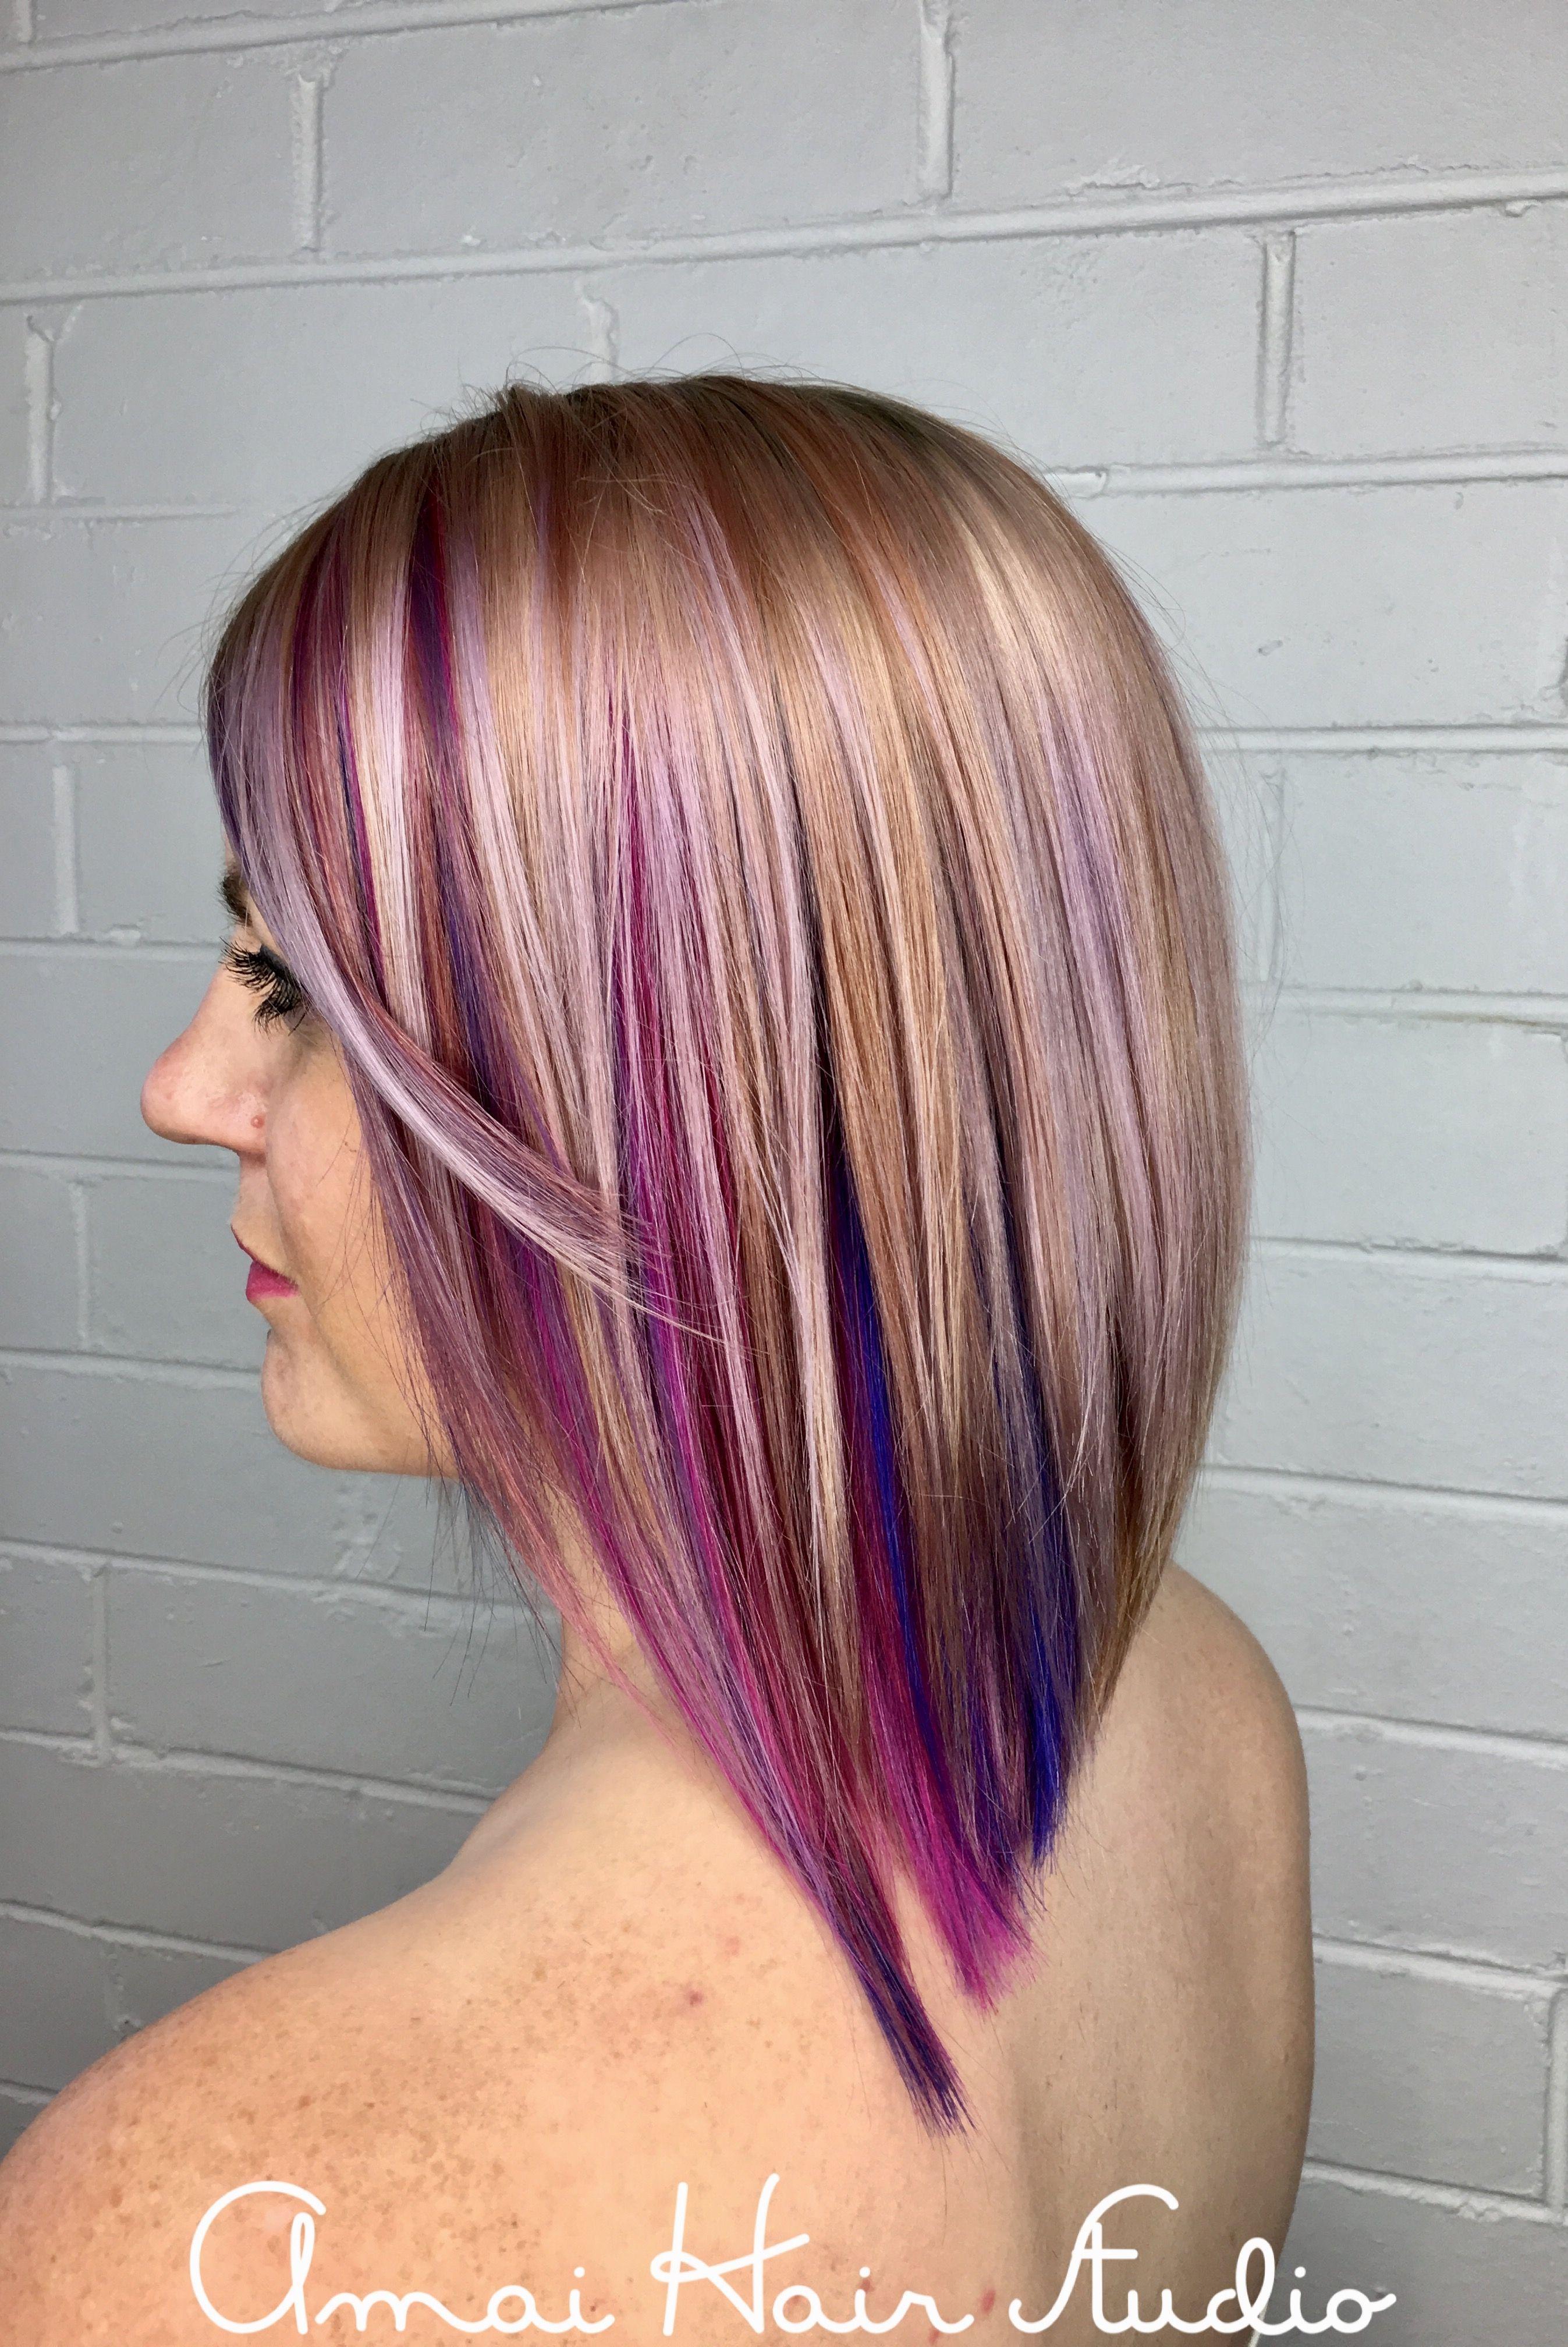 Pastel Pink Hair With A Pink Purple And Blue Hidden Rainbow Amai Hair Studio Hidden Hair Color Hair Color Rainbow Underneath Hair